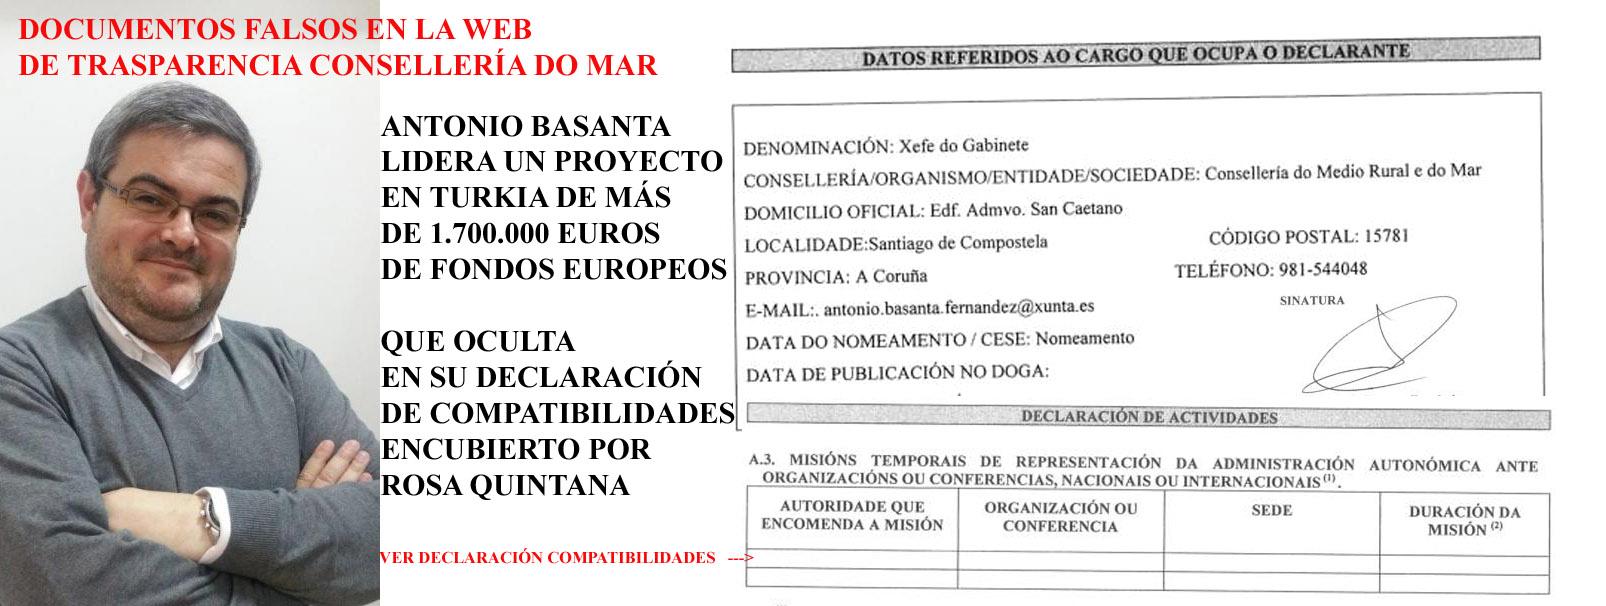 DOCUMENTOSFASLOS DE ALTOS CARGOS COLGADOSNELACONSELLERIADOMAR